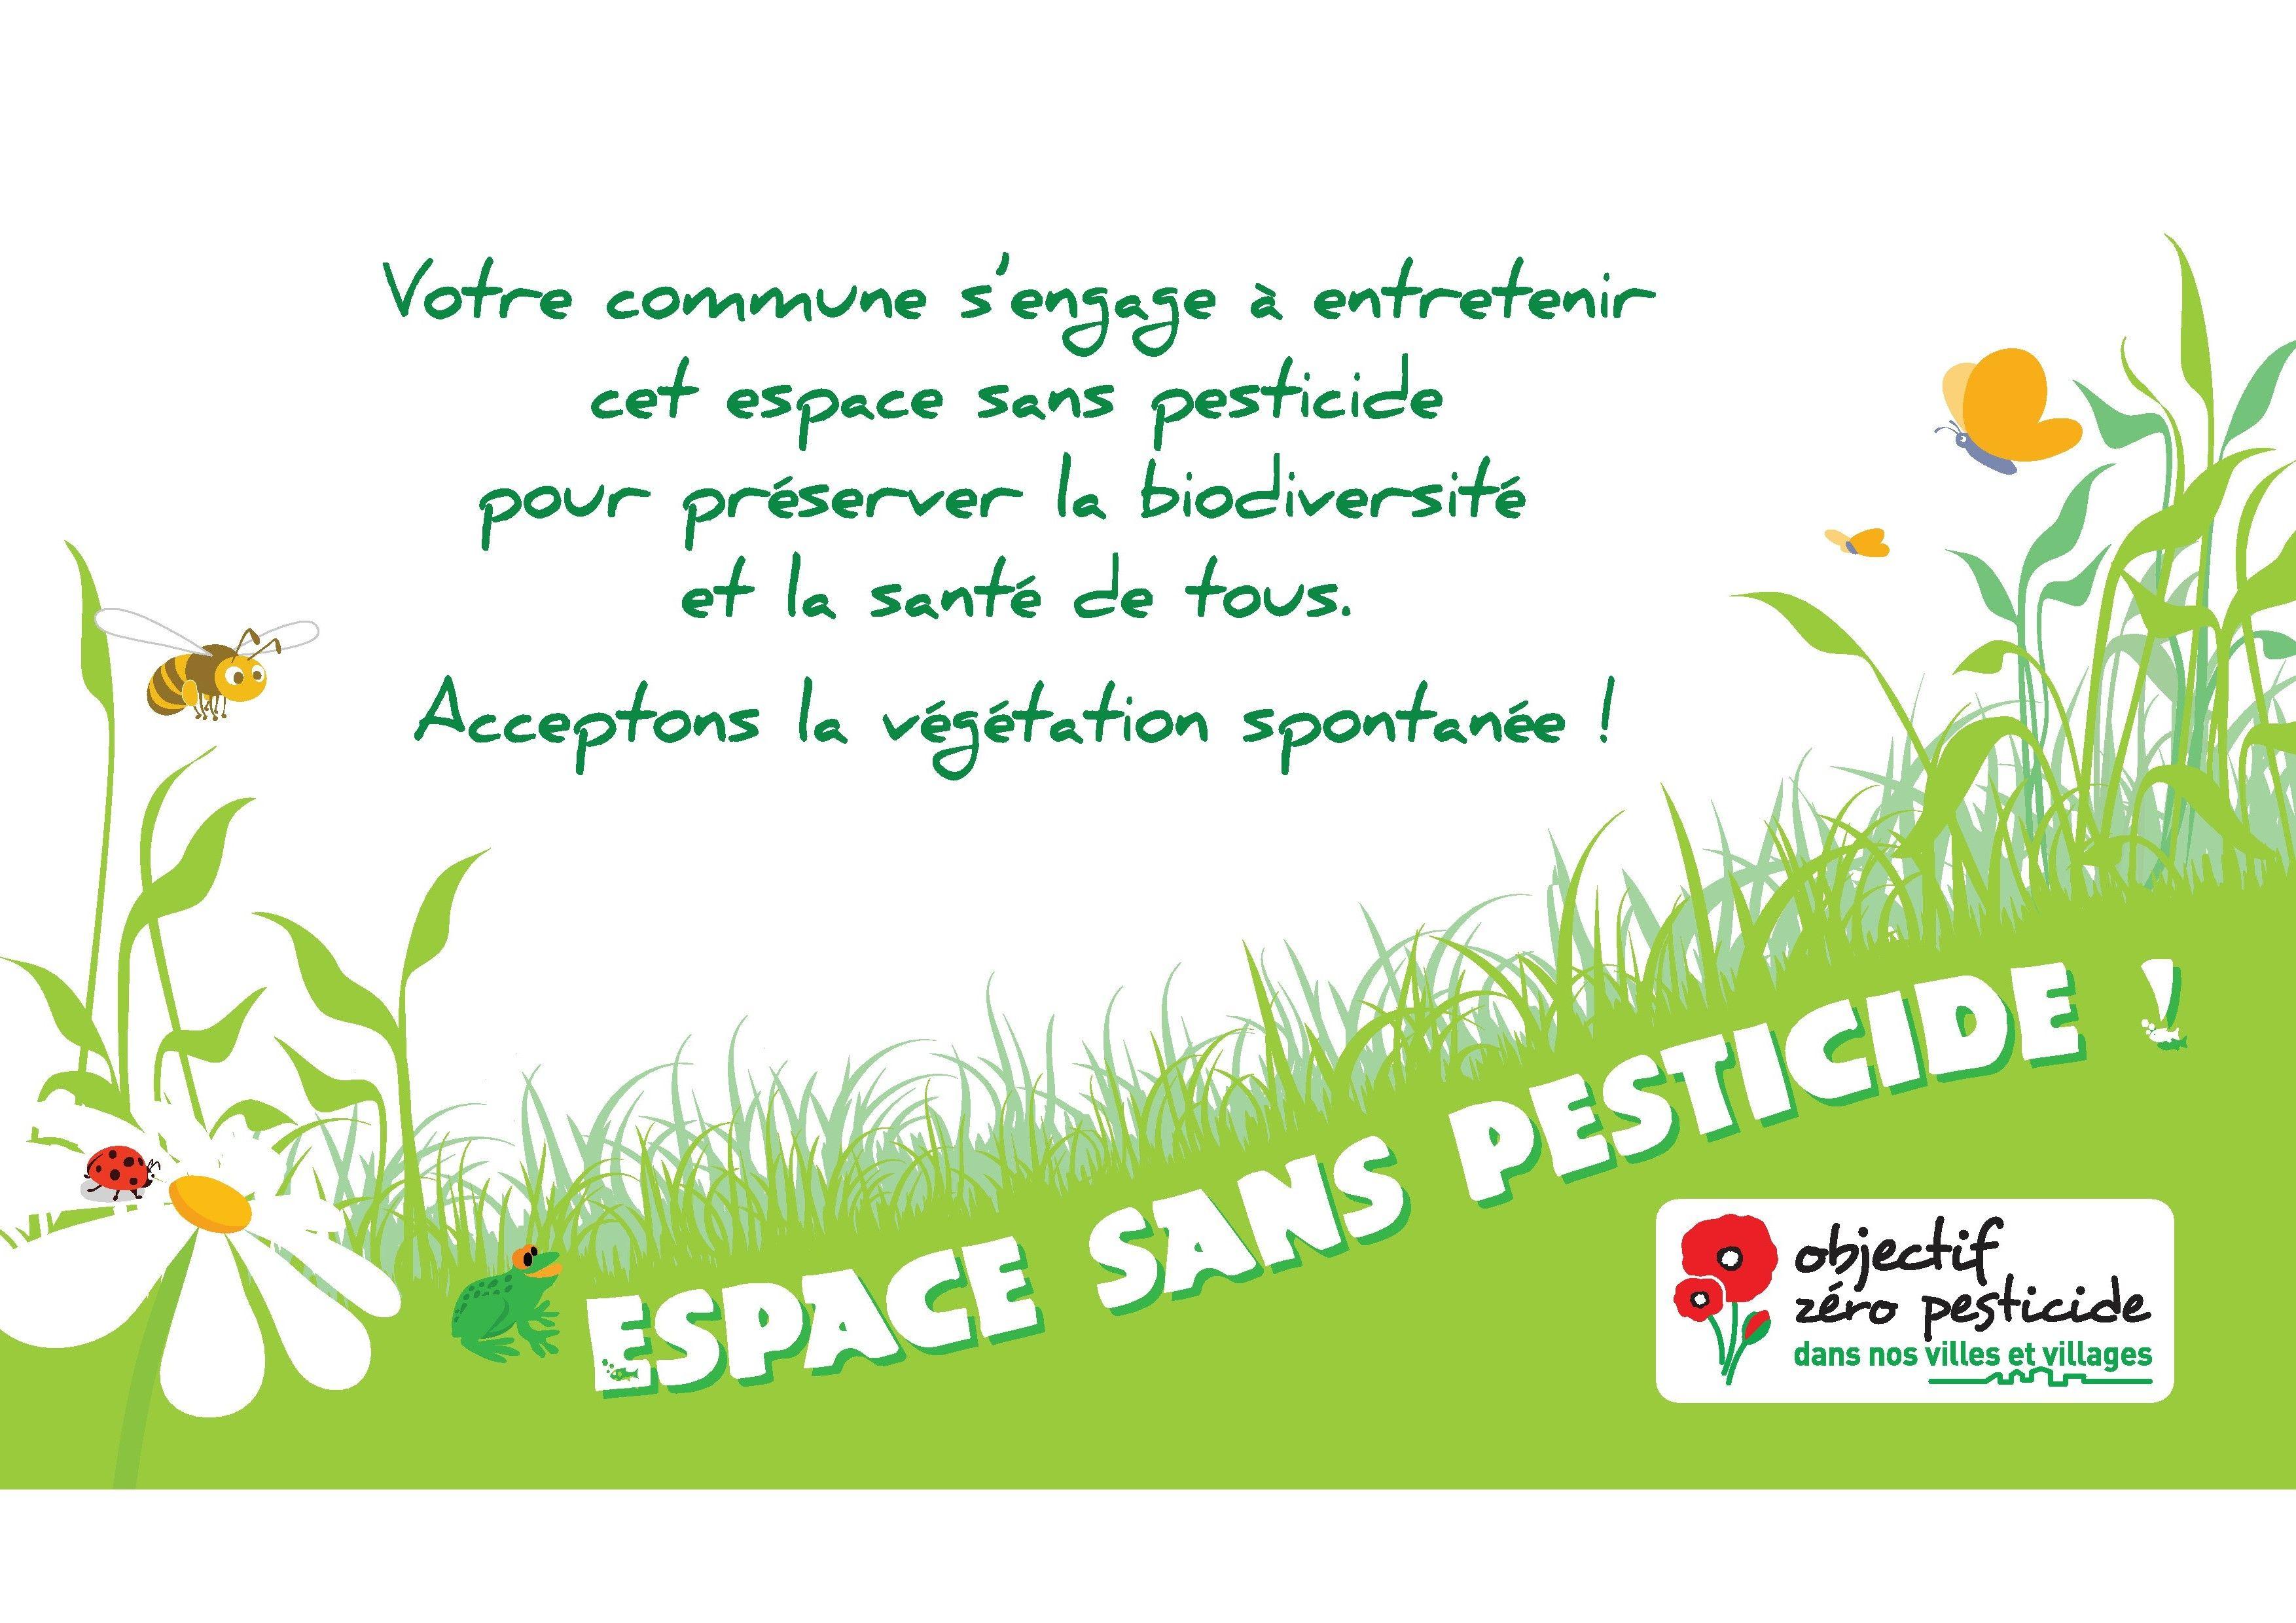 Services A La Population Environnement Nature Et Biodiversite Espace Sans Pesticide Biodiversite Pesticides Environnement